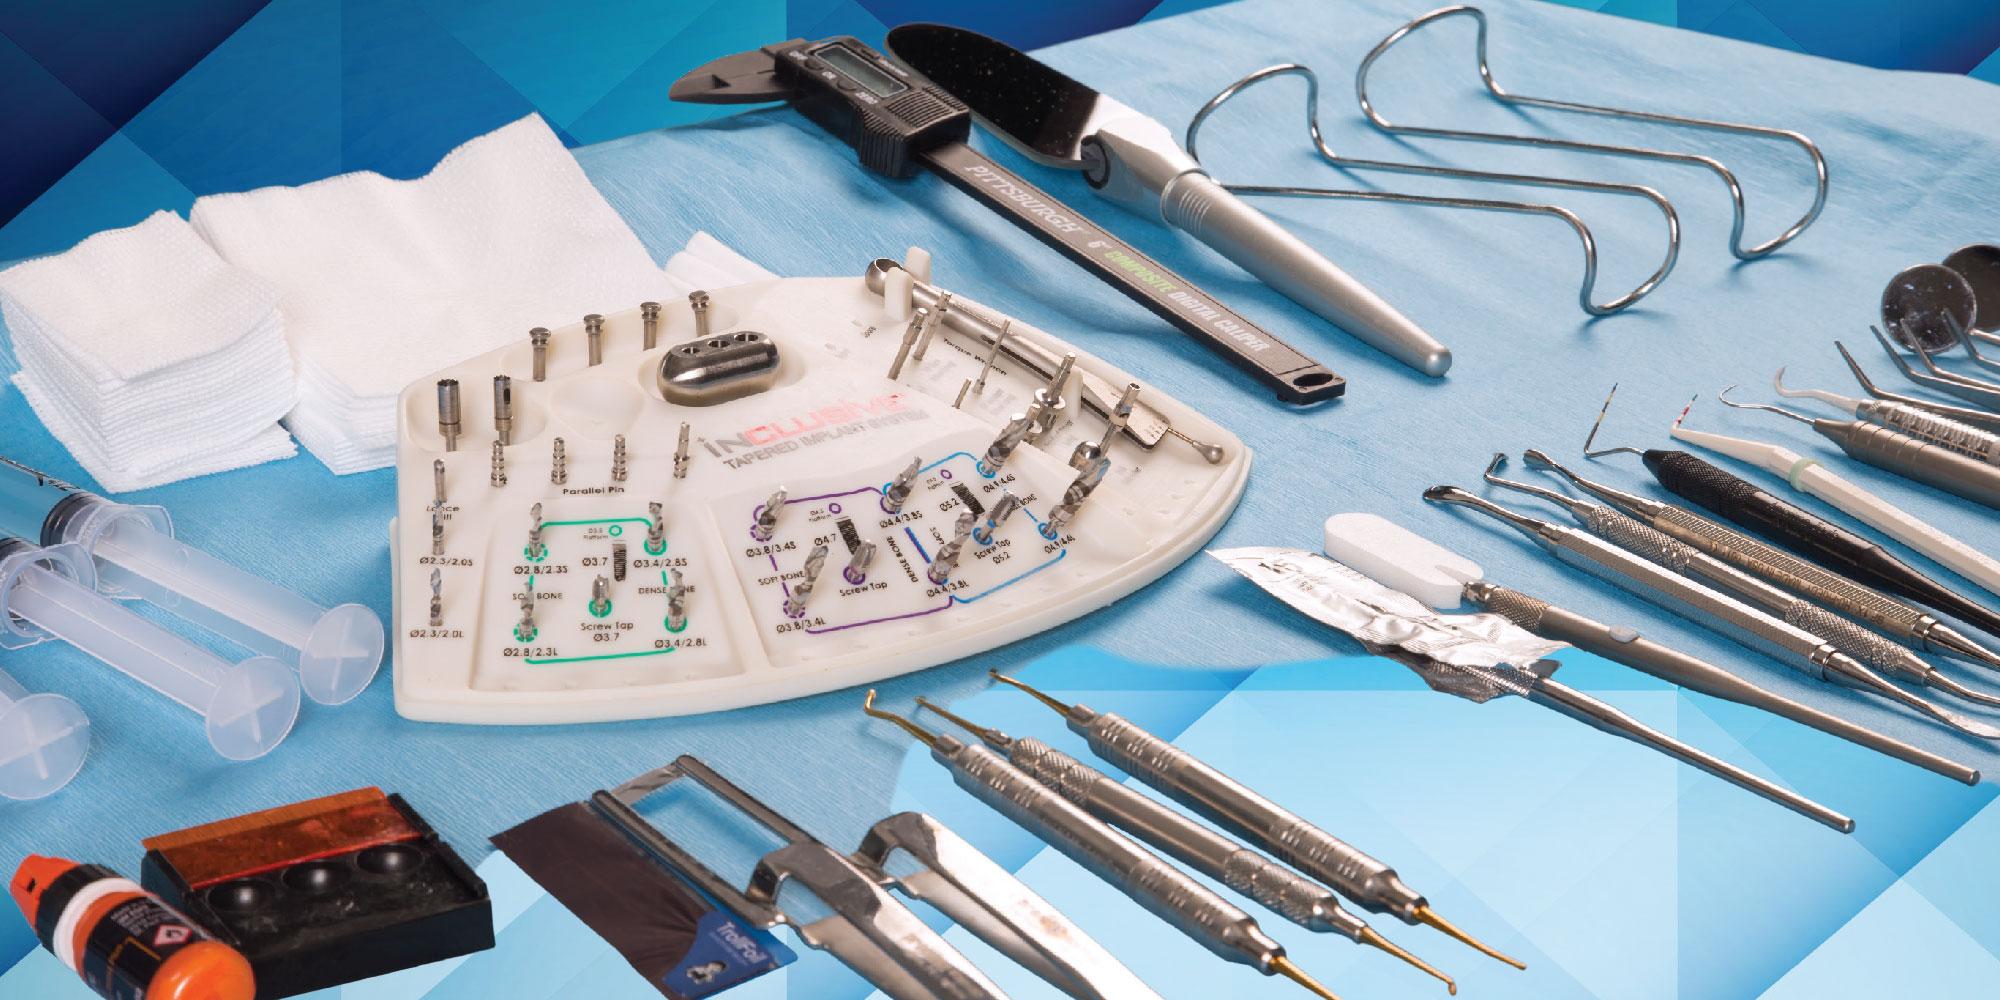 Хирургическая стоматология набор для имплантации